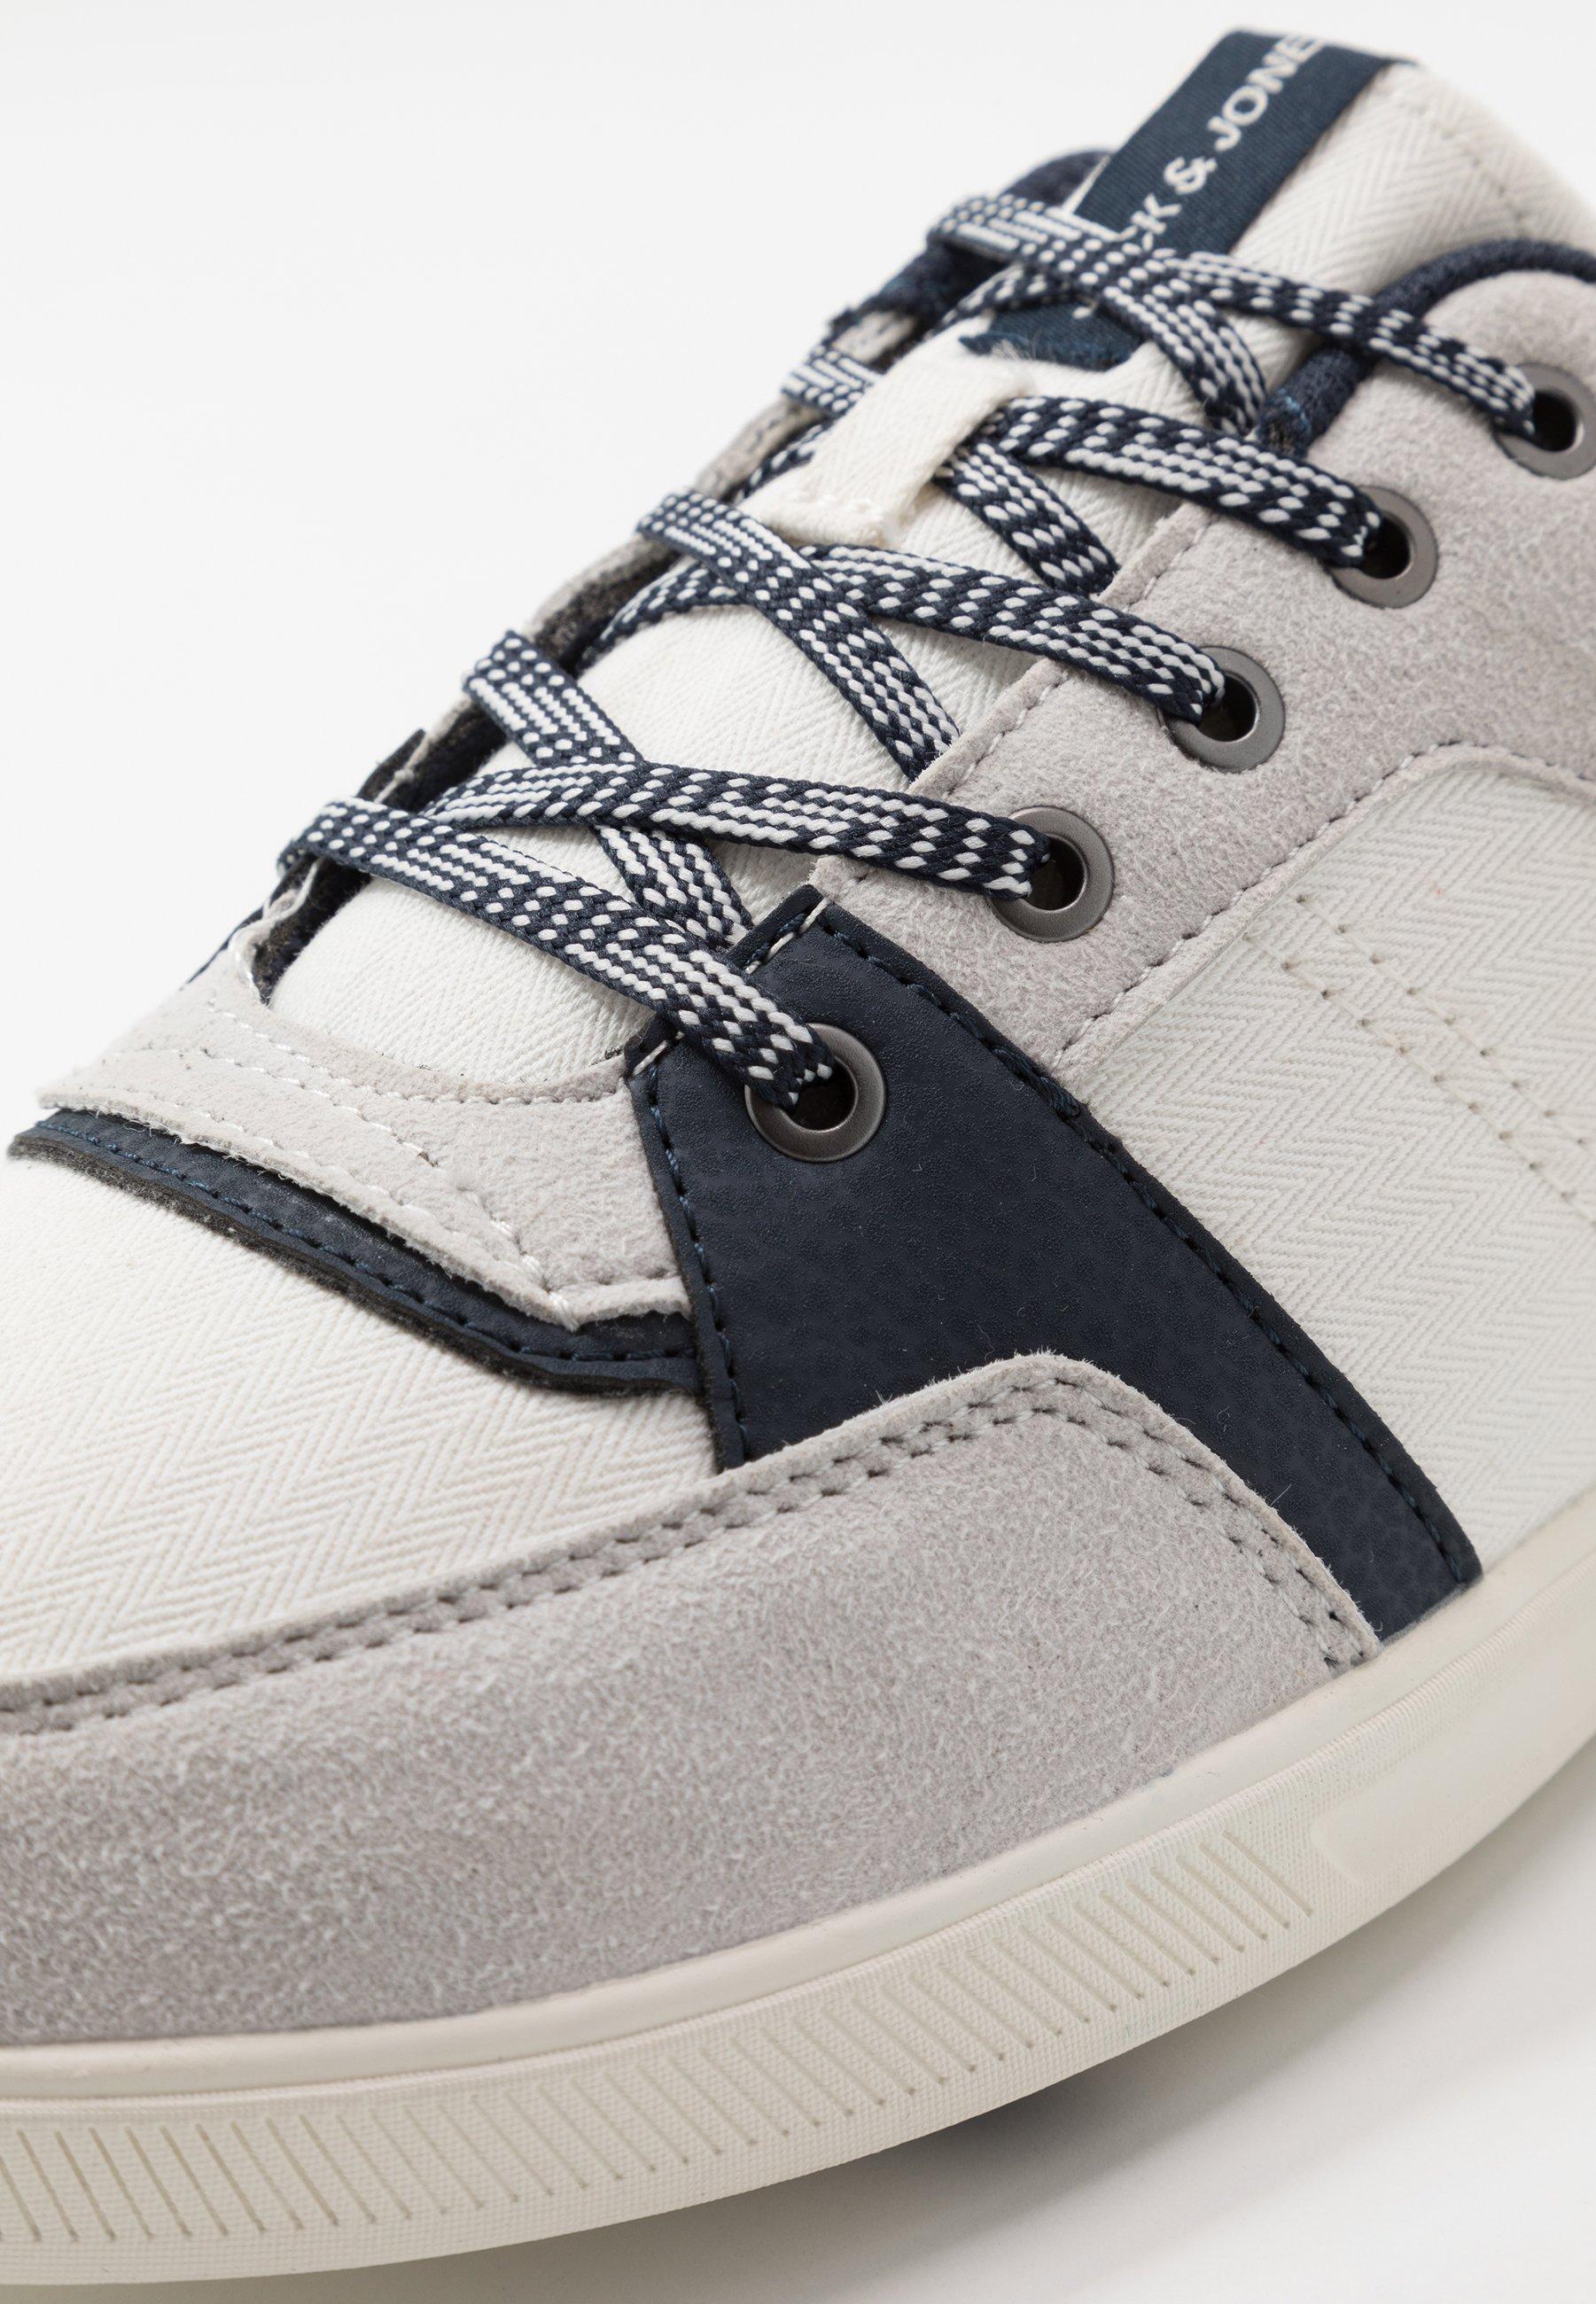 Jack & Jones Jfwnewington Herringbone - Sneakers French